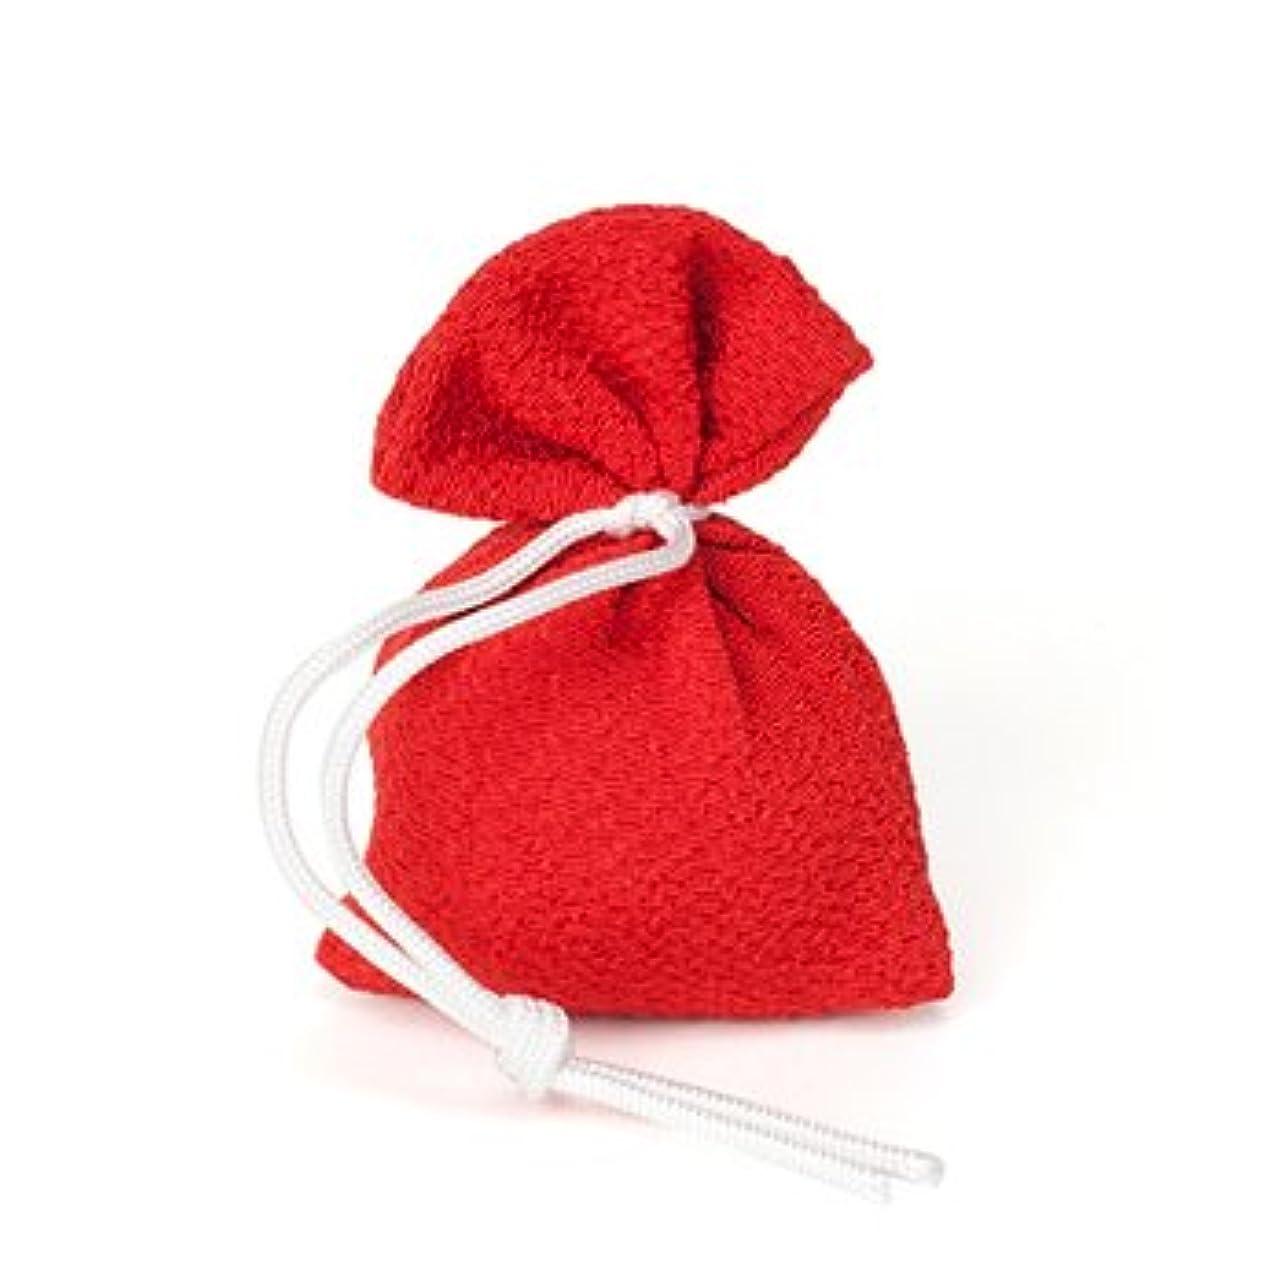 機転それにもかかわらず属する松栄堂 匂い袋 誰が袖 上品(無地) 1個入 (色をお選びください) (赤)